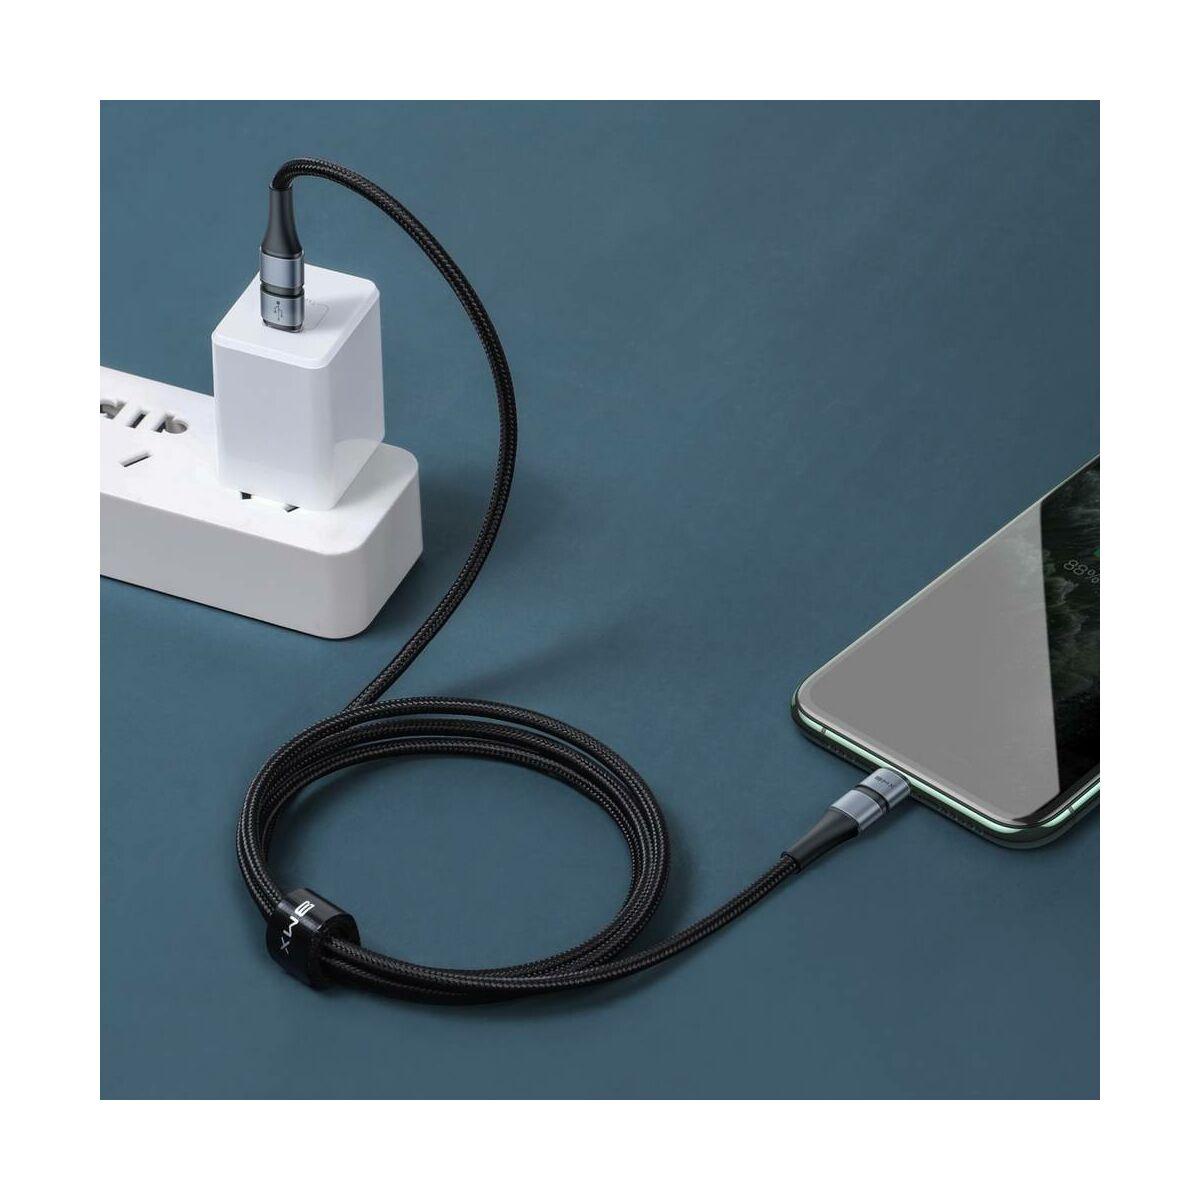 Baseus Type-C - Ligthning kábel, BMX Double-deck MFi hitelesítéssel PD 18W, 1.2m, szürke/fekete (CATLS-AG1)